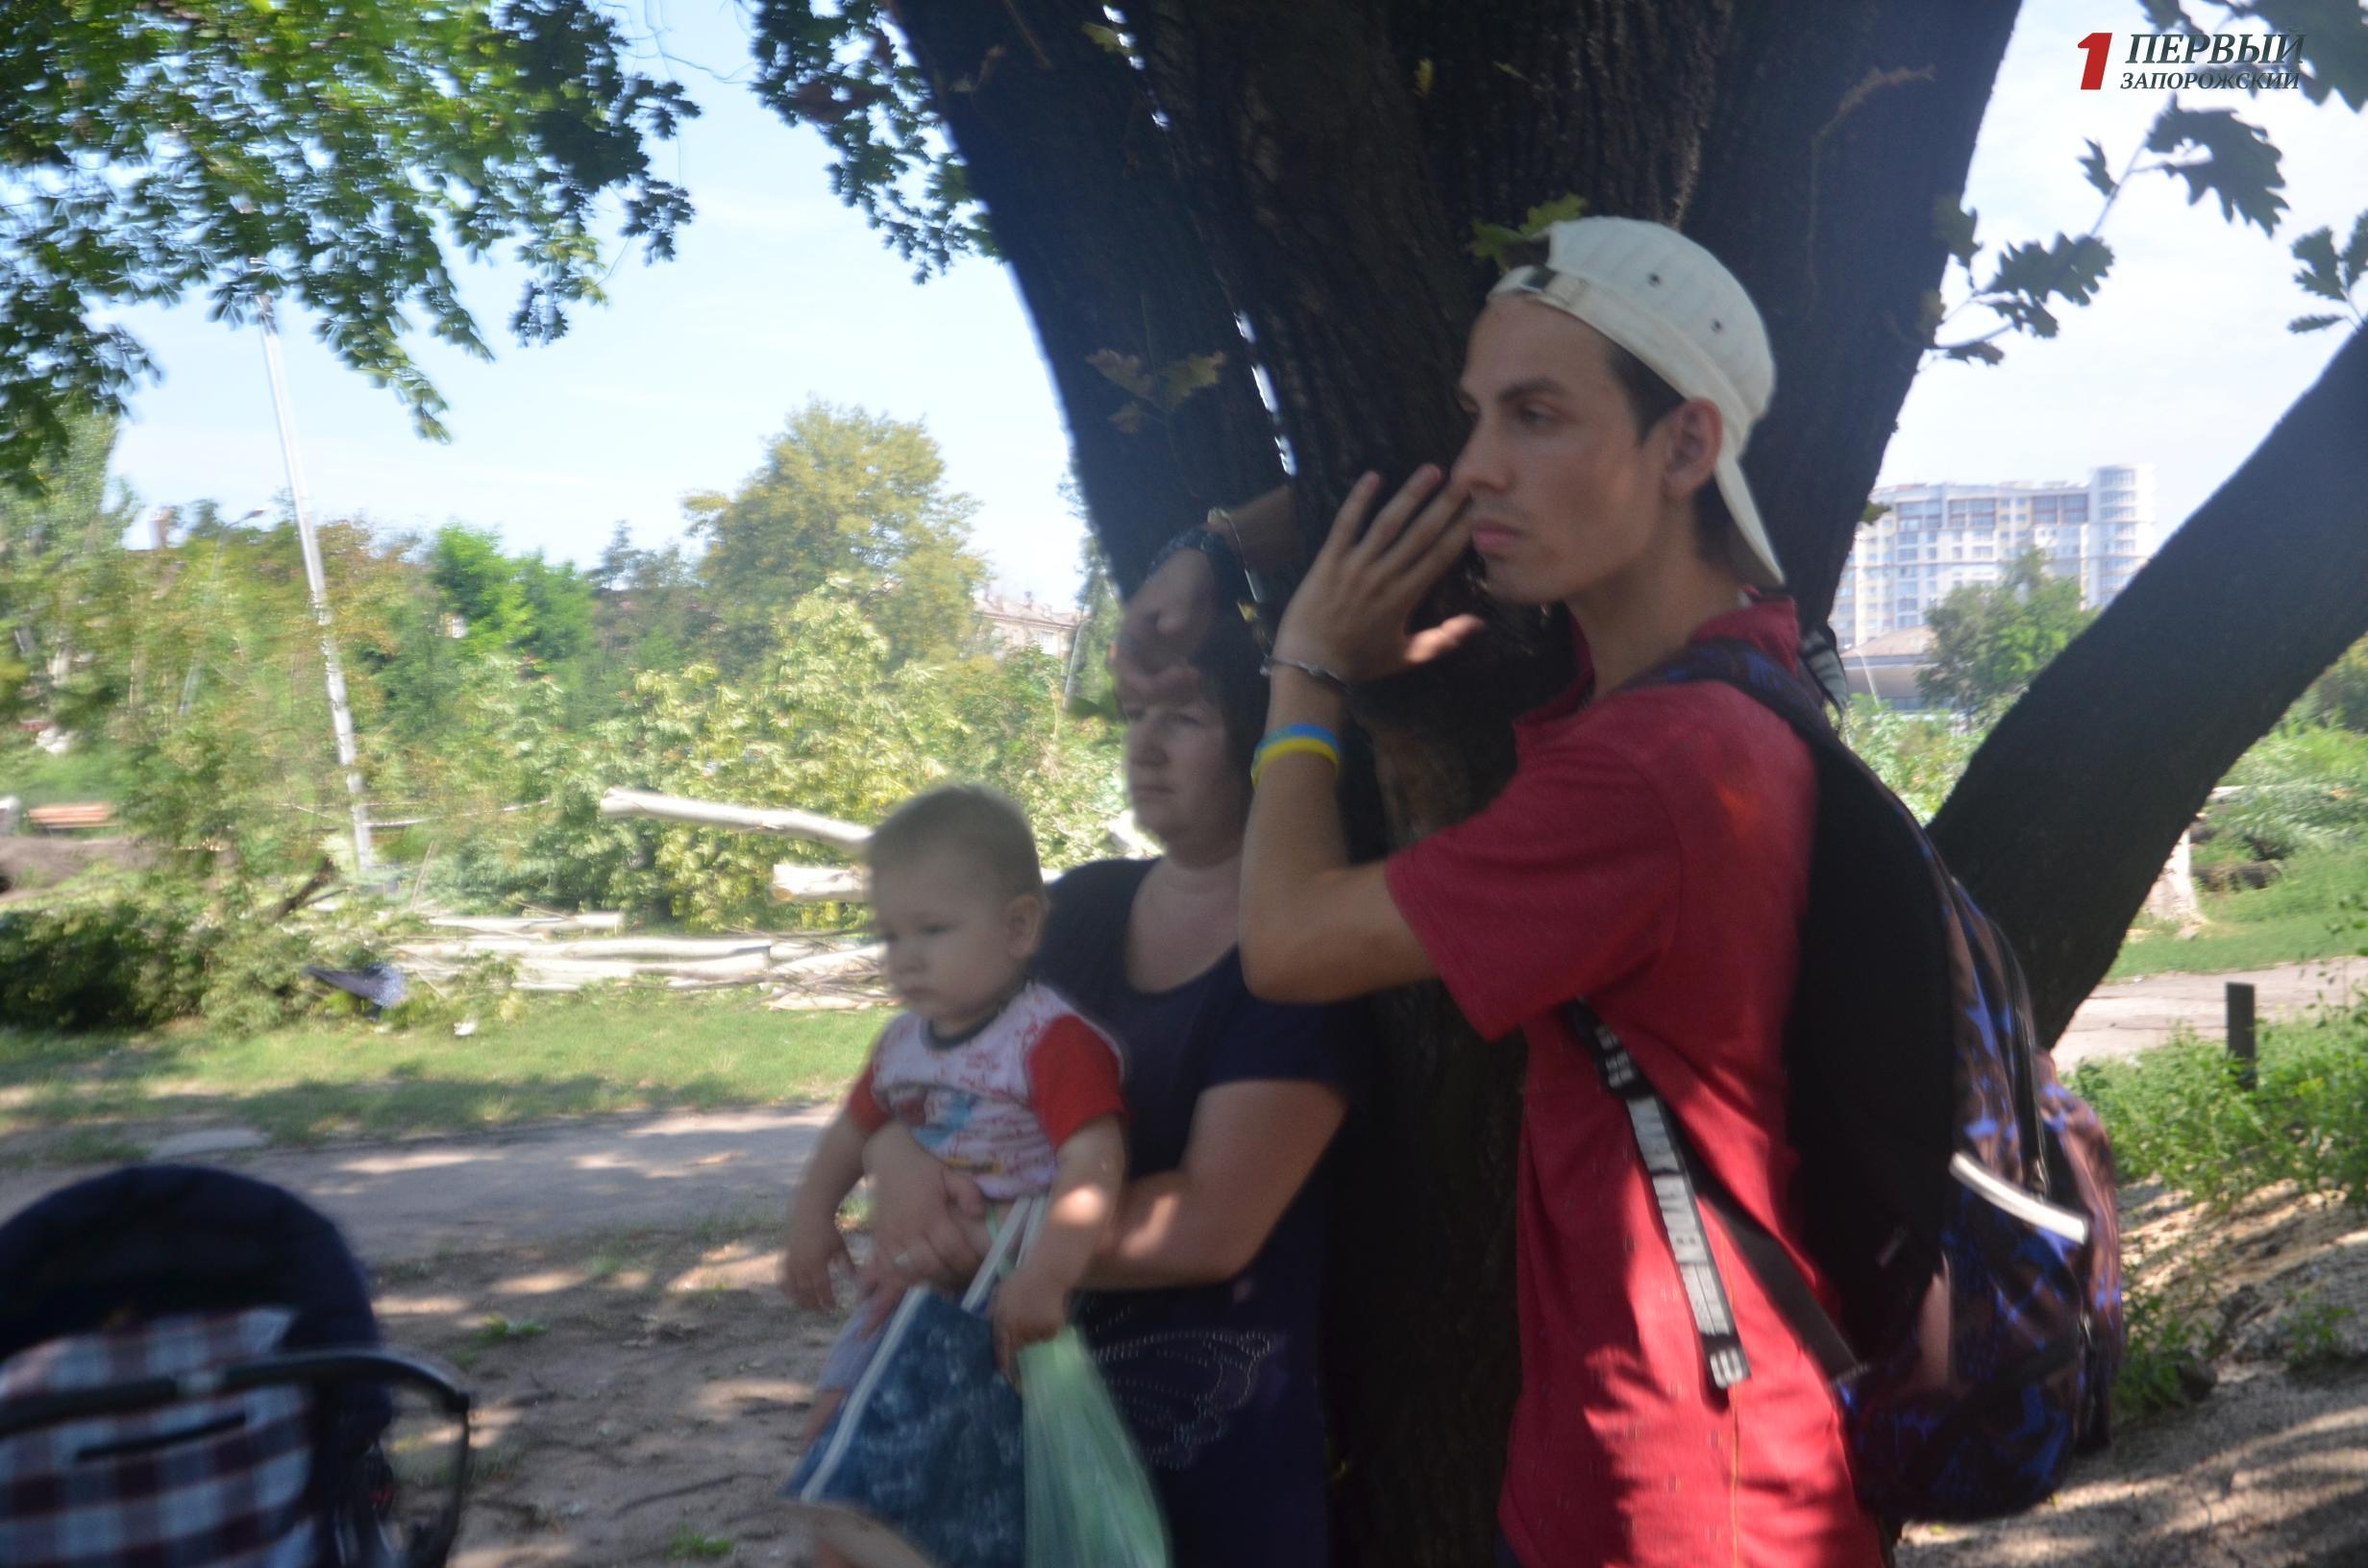 Запорожский активист в парке Яланского пристегнулся наручникамик дереву и заявил, что не позволит уничтожить парк - ФОТО, ВИДЕО